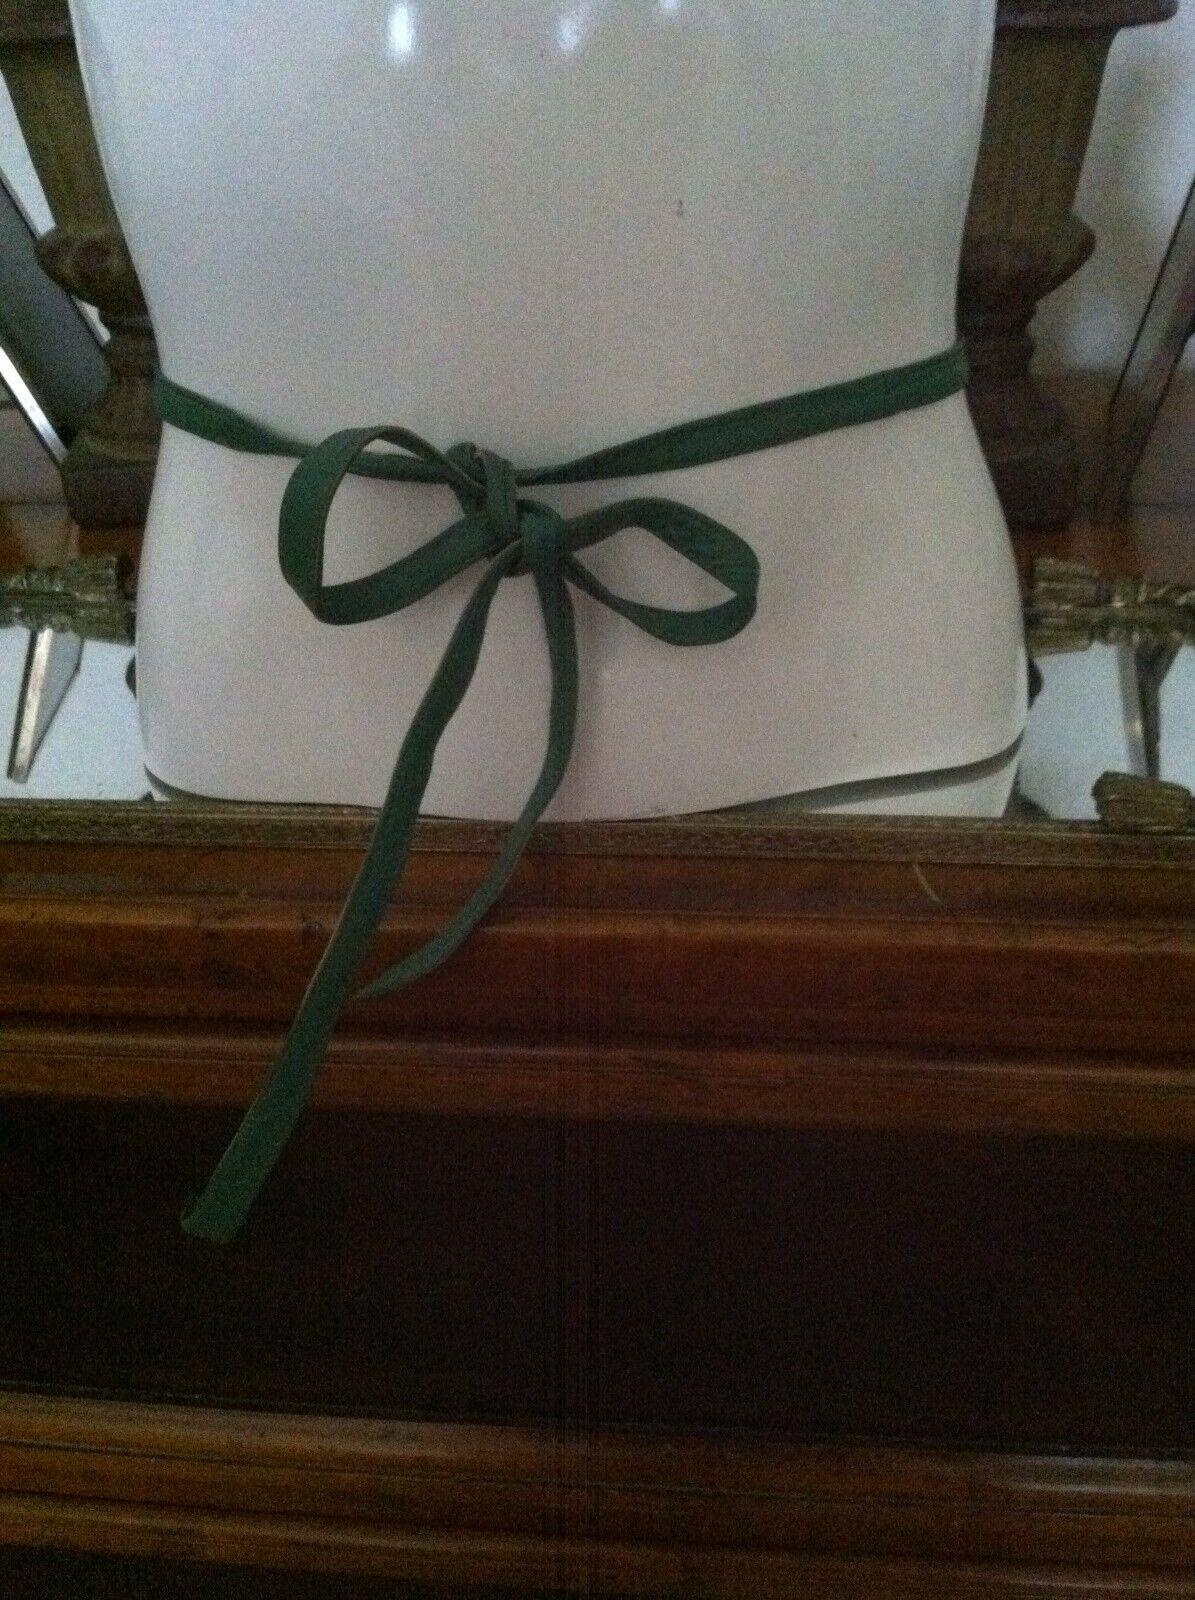 Vtg 1960's Bonnie Cashin Green Tie Belt - image 1